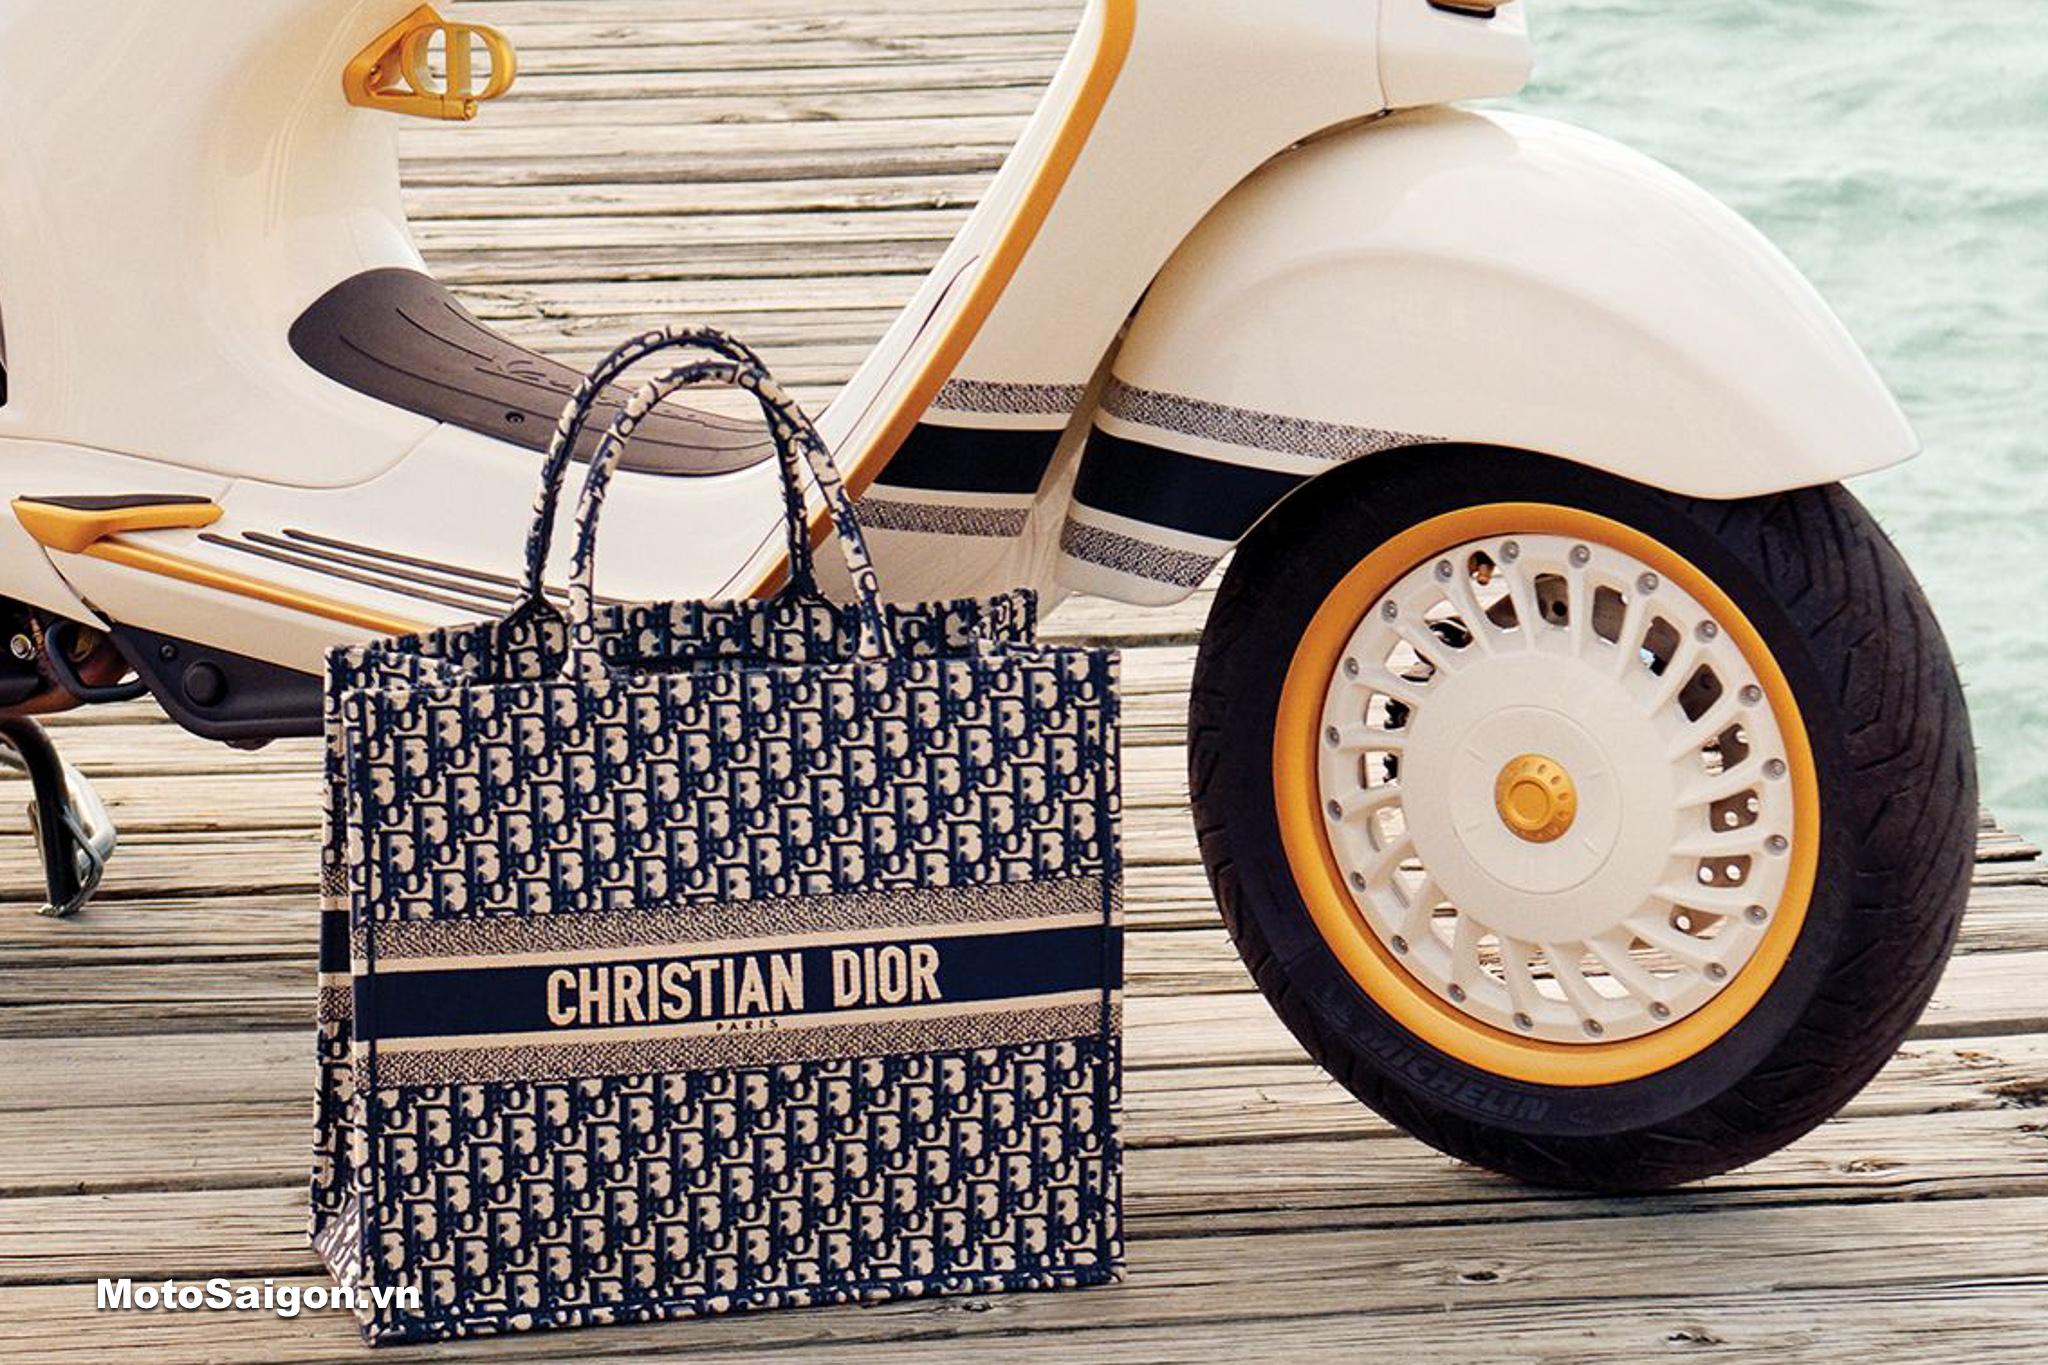 Vespa 946 Christian Dior khiến các nàng phát cuồng vì quá đẹp ...